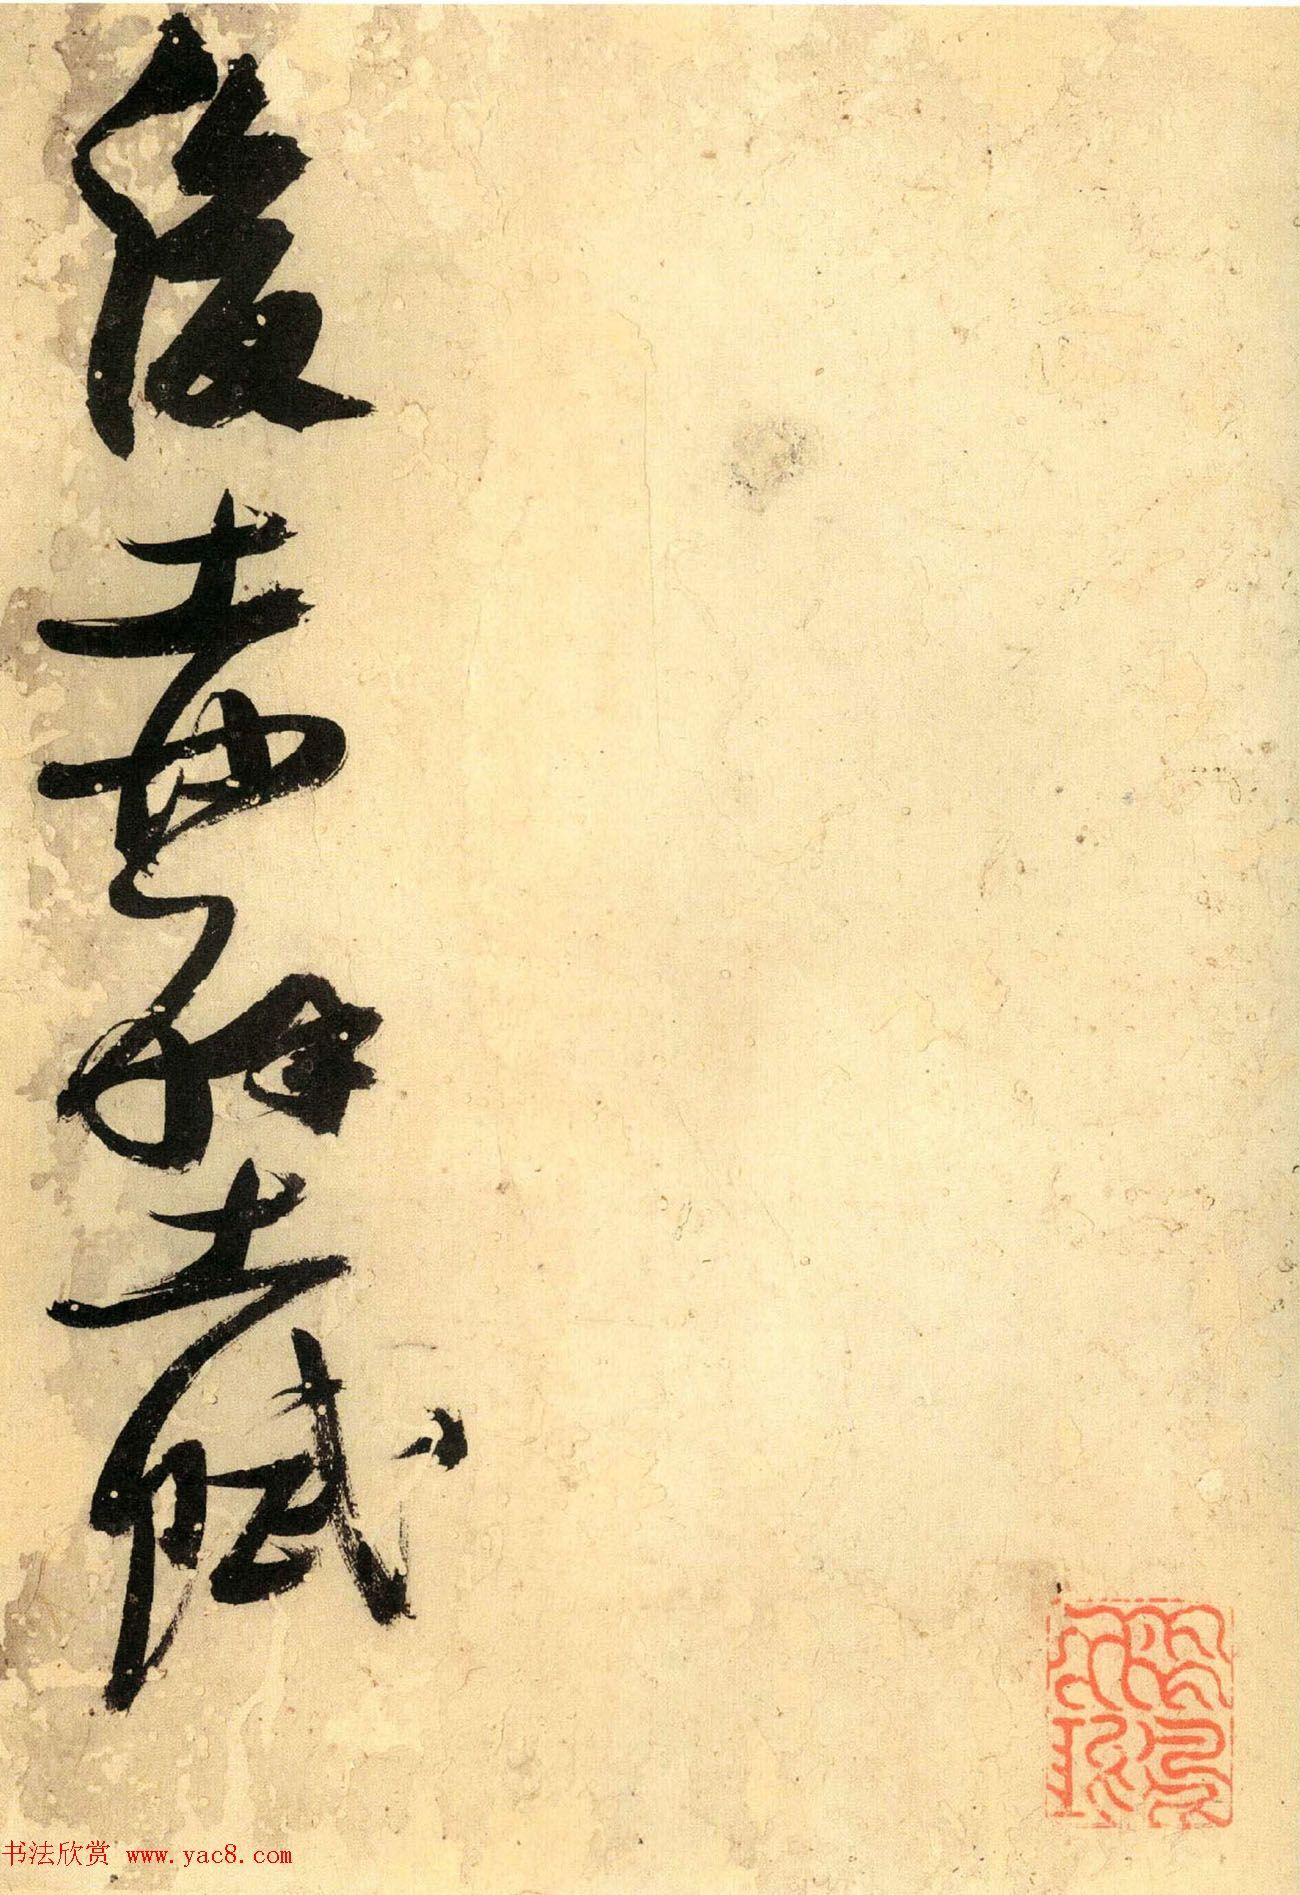 高清书法图书《张瑞图后赤壁赋》日本出版